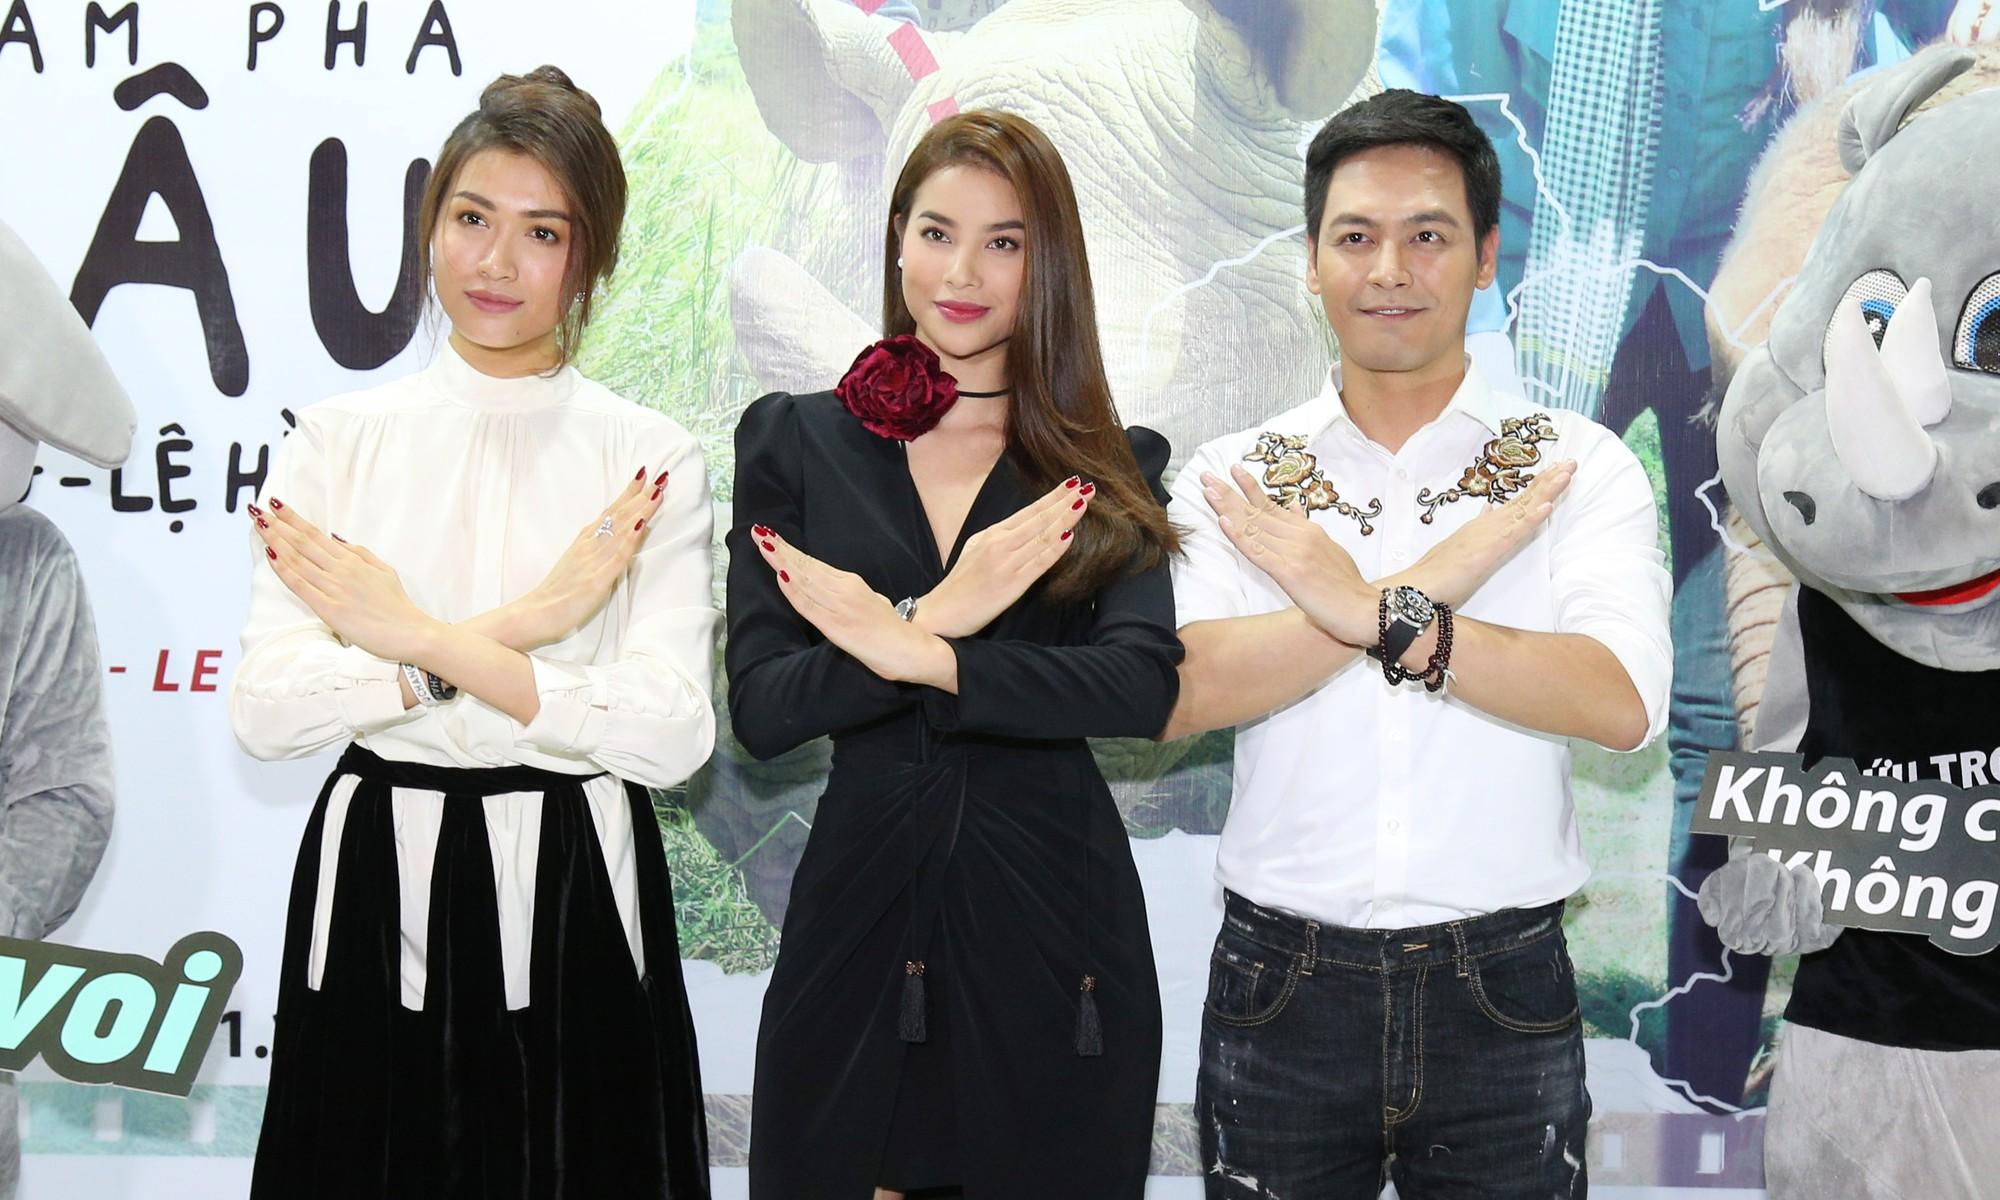 Phạm Hương rạng rỡ tại buổi ra mắt phim ngắn cổ động bảo vệ động vật hoang dã - Ảnh 1.